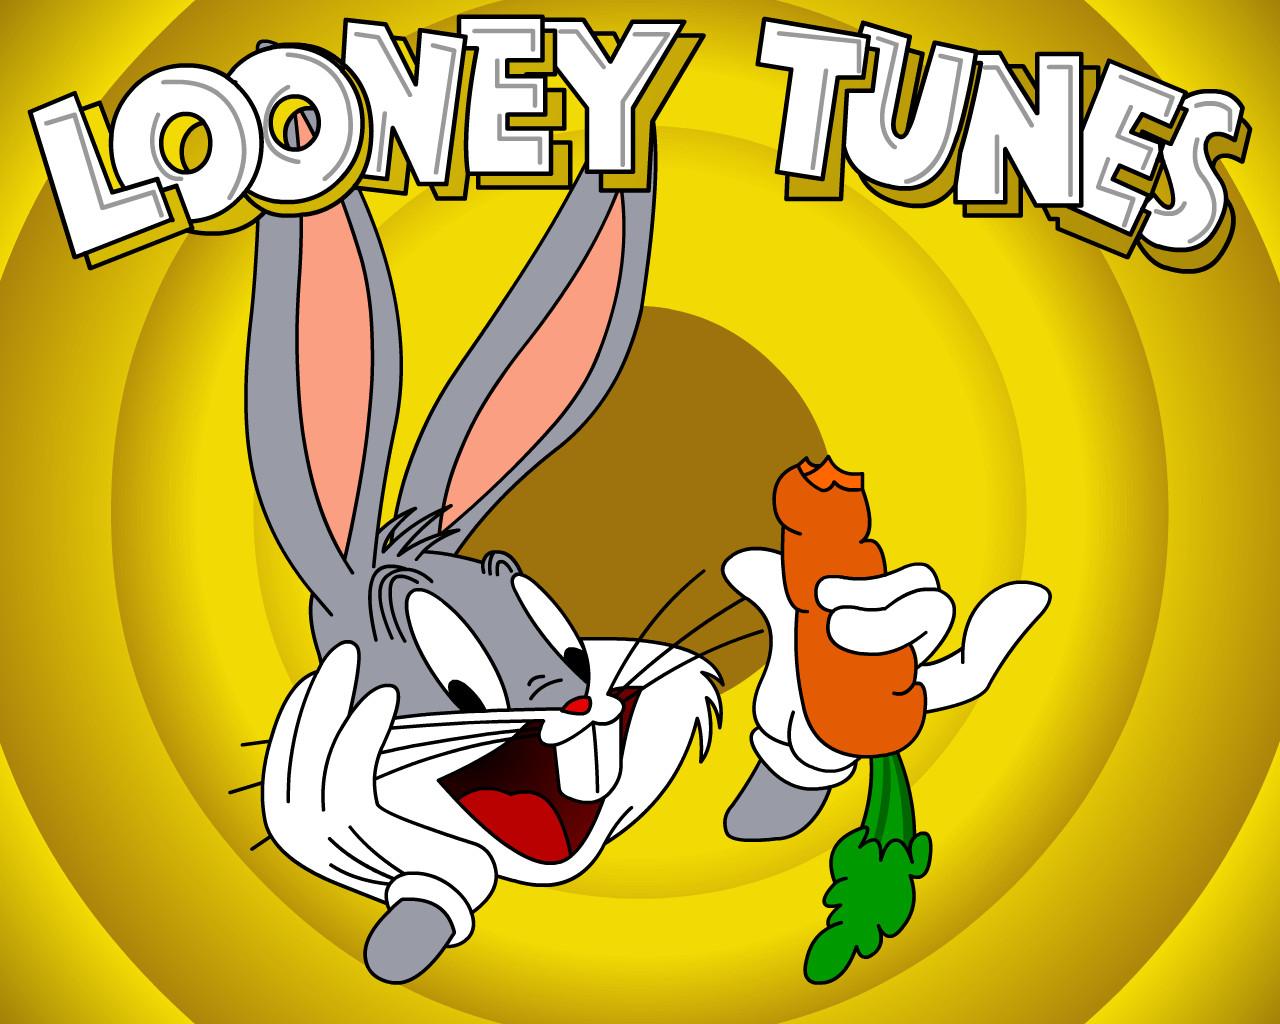 http://1.bp.blogspot.com/-I5XsALqraC4/TpvN3liBmsI/AAAAAAAAAMc/_dBAvOgdJzE/s1600/Looney_Tunes___Bugs_Bunny___WP_by_Sykonist.jpg